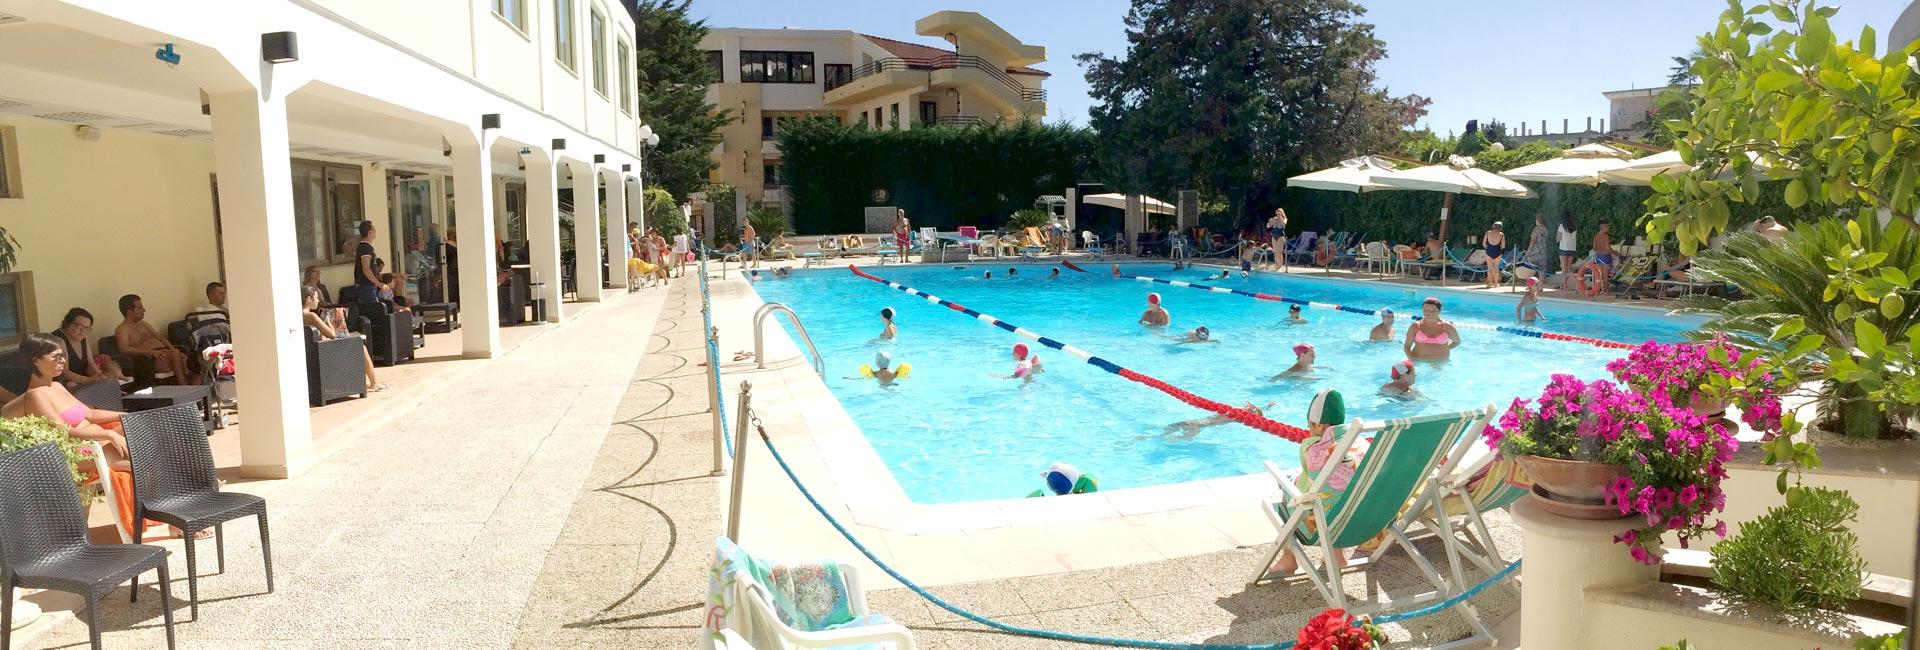 Tra i migliori hotel 4 stelle con piscina a san giovanni - San giovanni in persiceto piscina ...